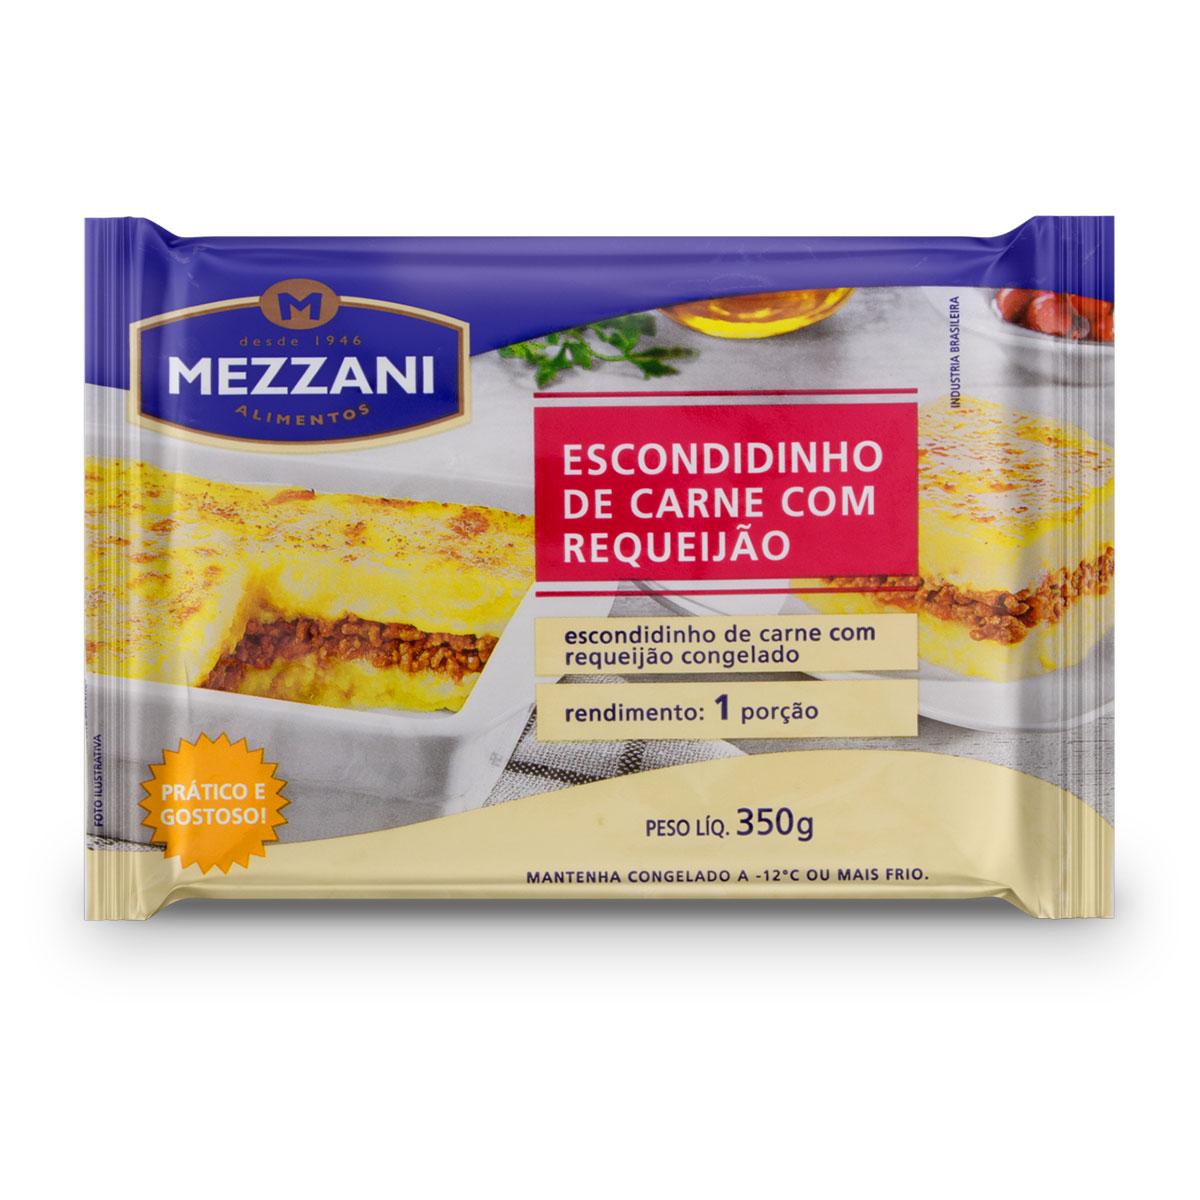 ESCONDIDINHO DE CARNE COM REQUEIJÃO 350G